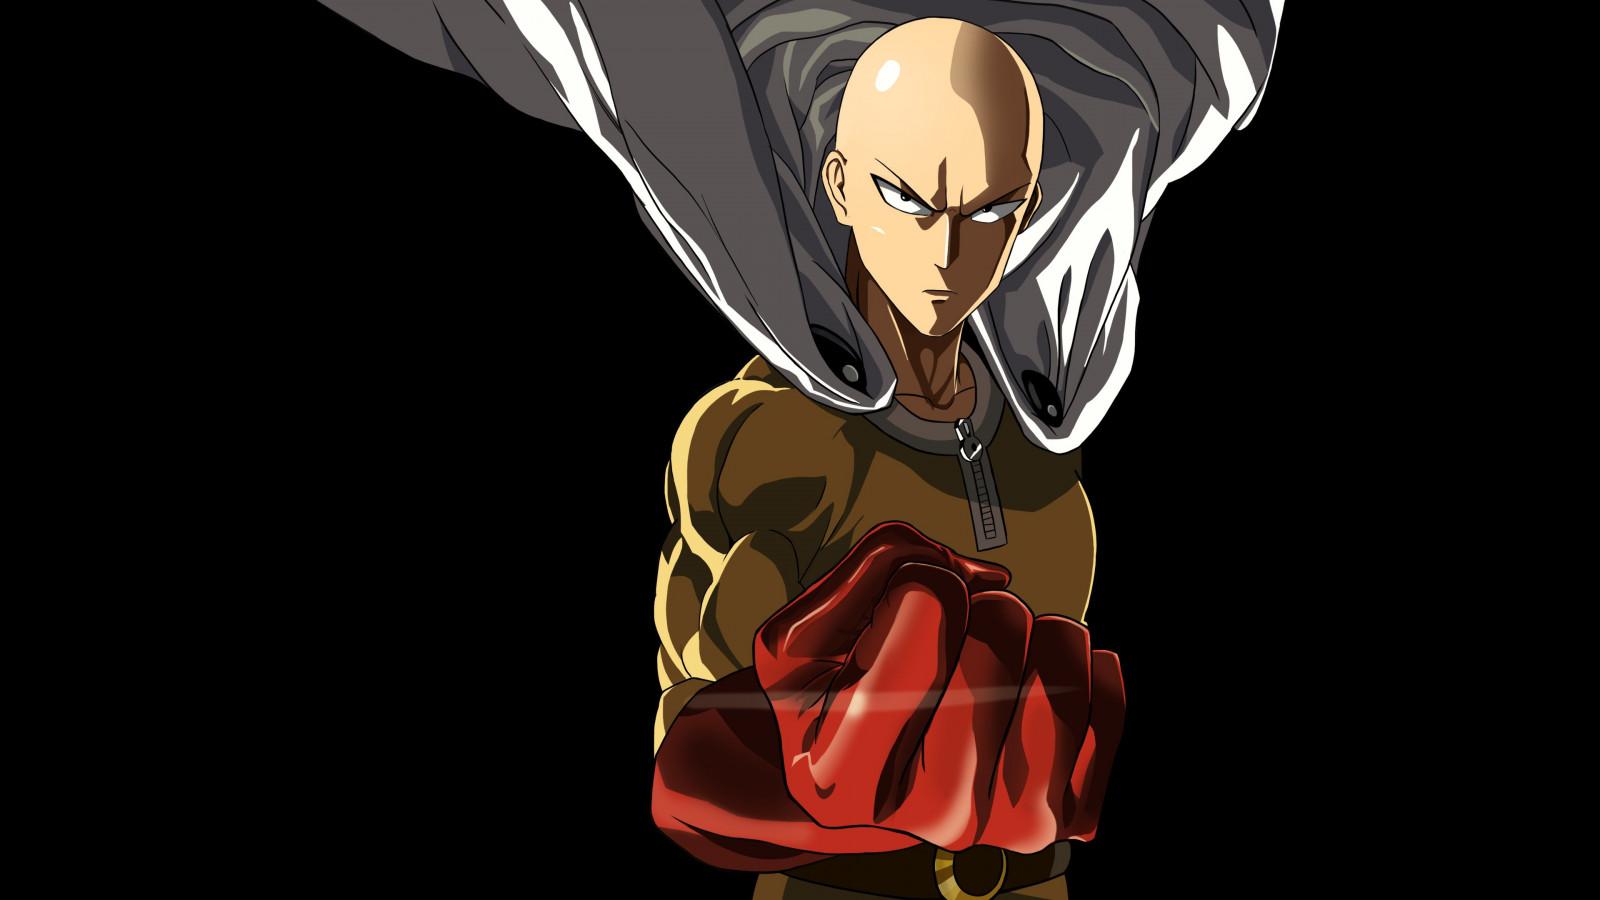 Fond d'écran : illustration, Anime, dessin animé, Saitama, One Punch Man, personnage, capture d ...